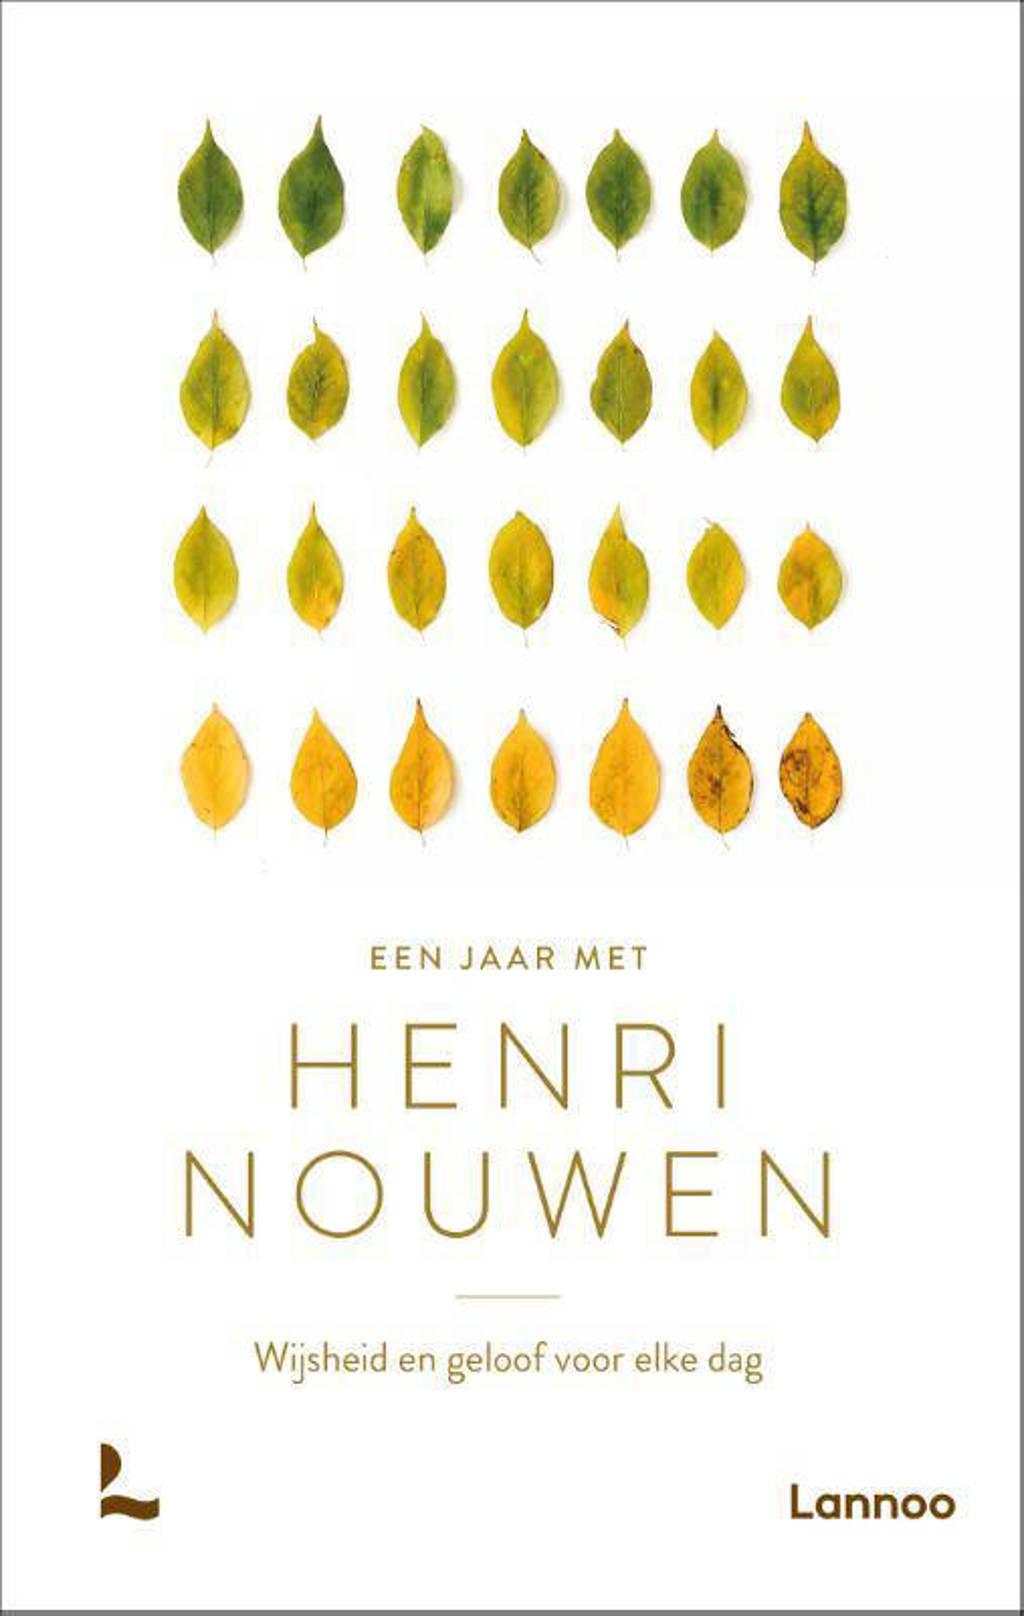 Een jaar met Henri Nouwen - Henri Nouwen